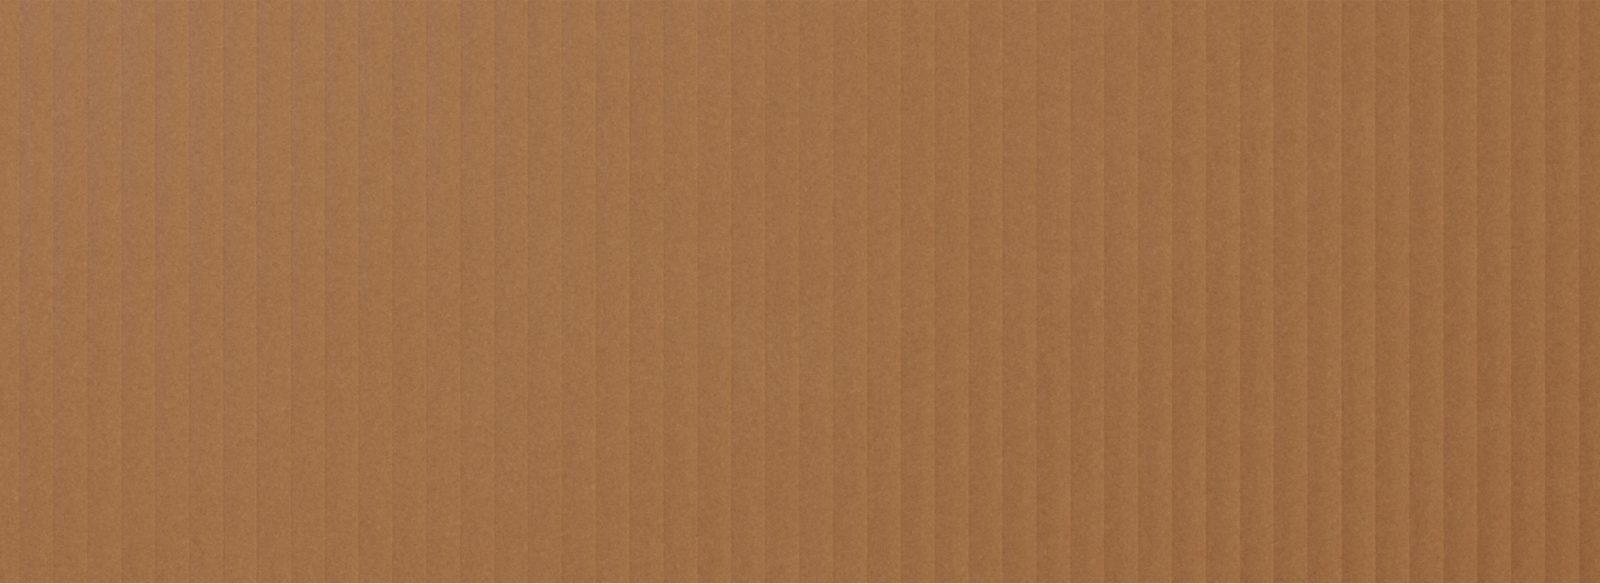 DBS Packaging Pvt. Ltd.